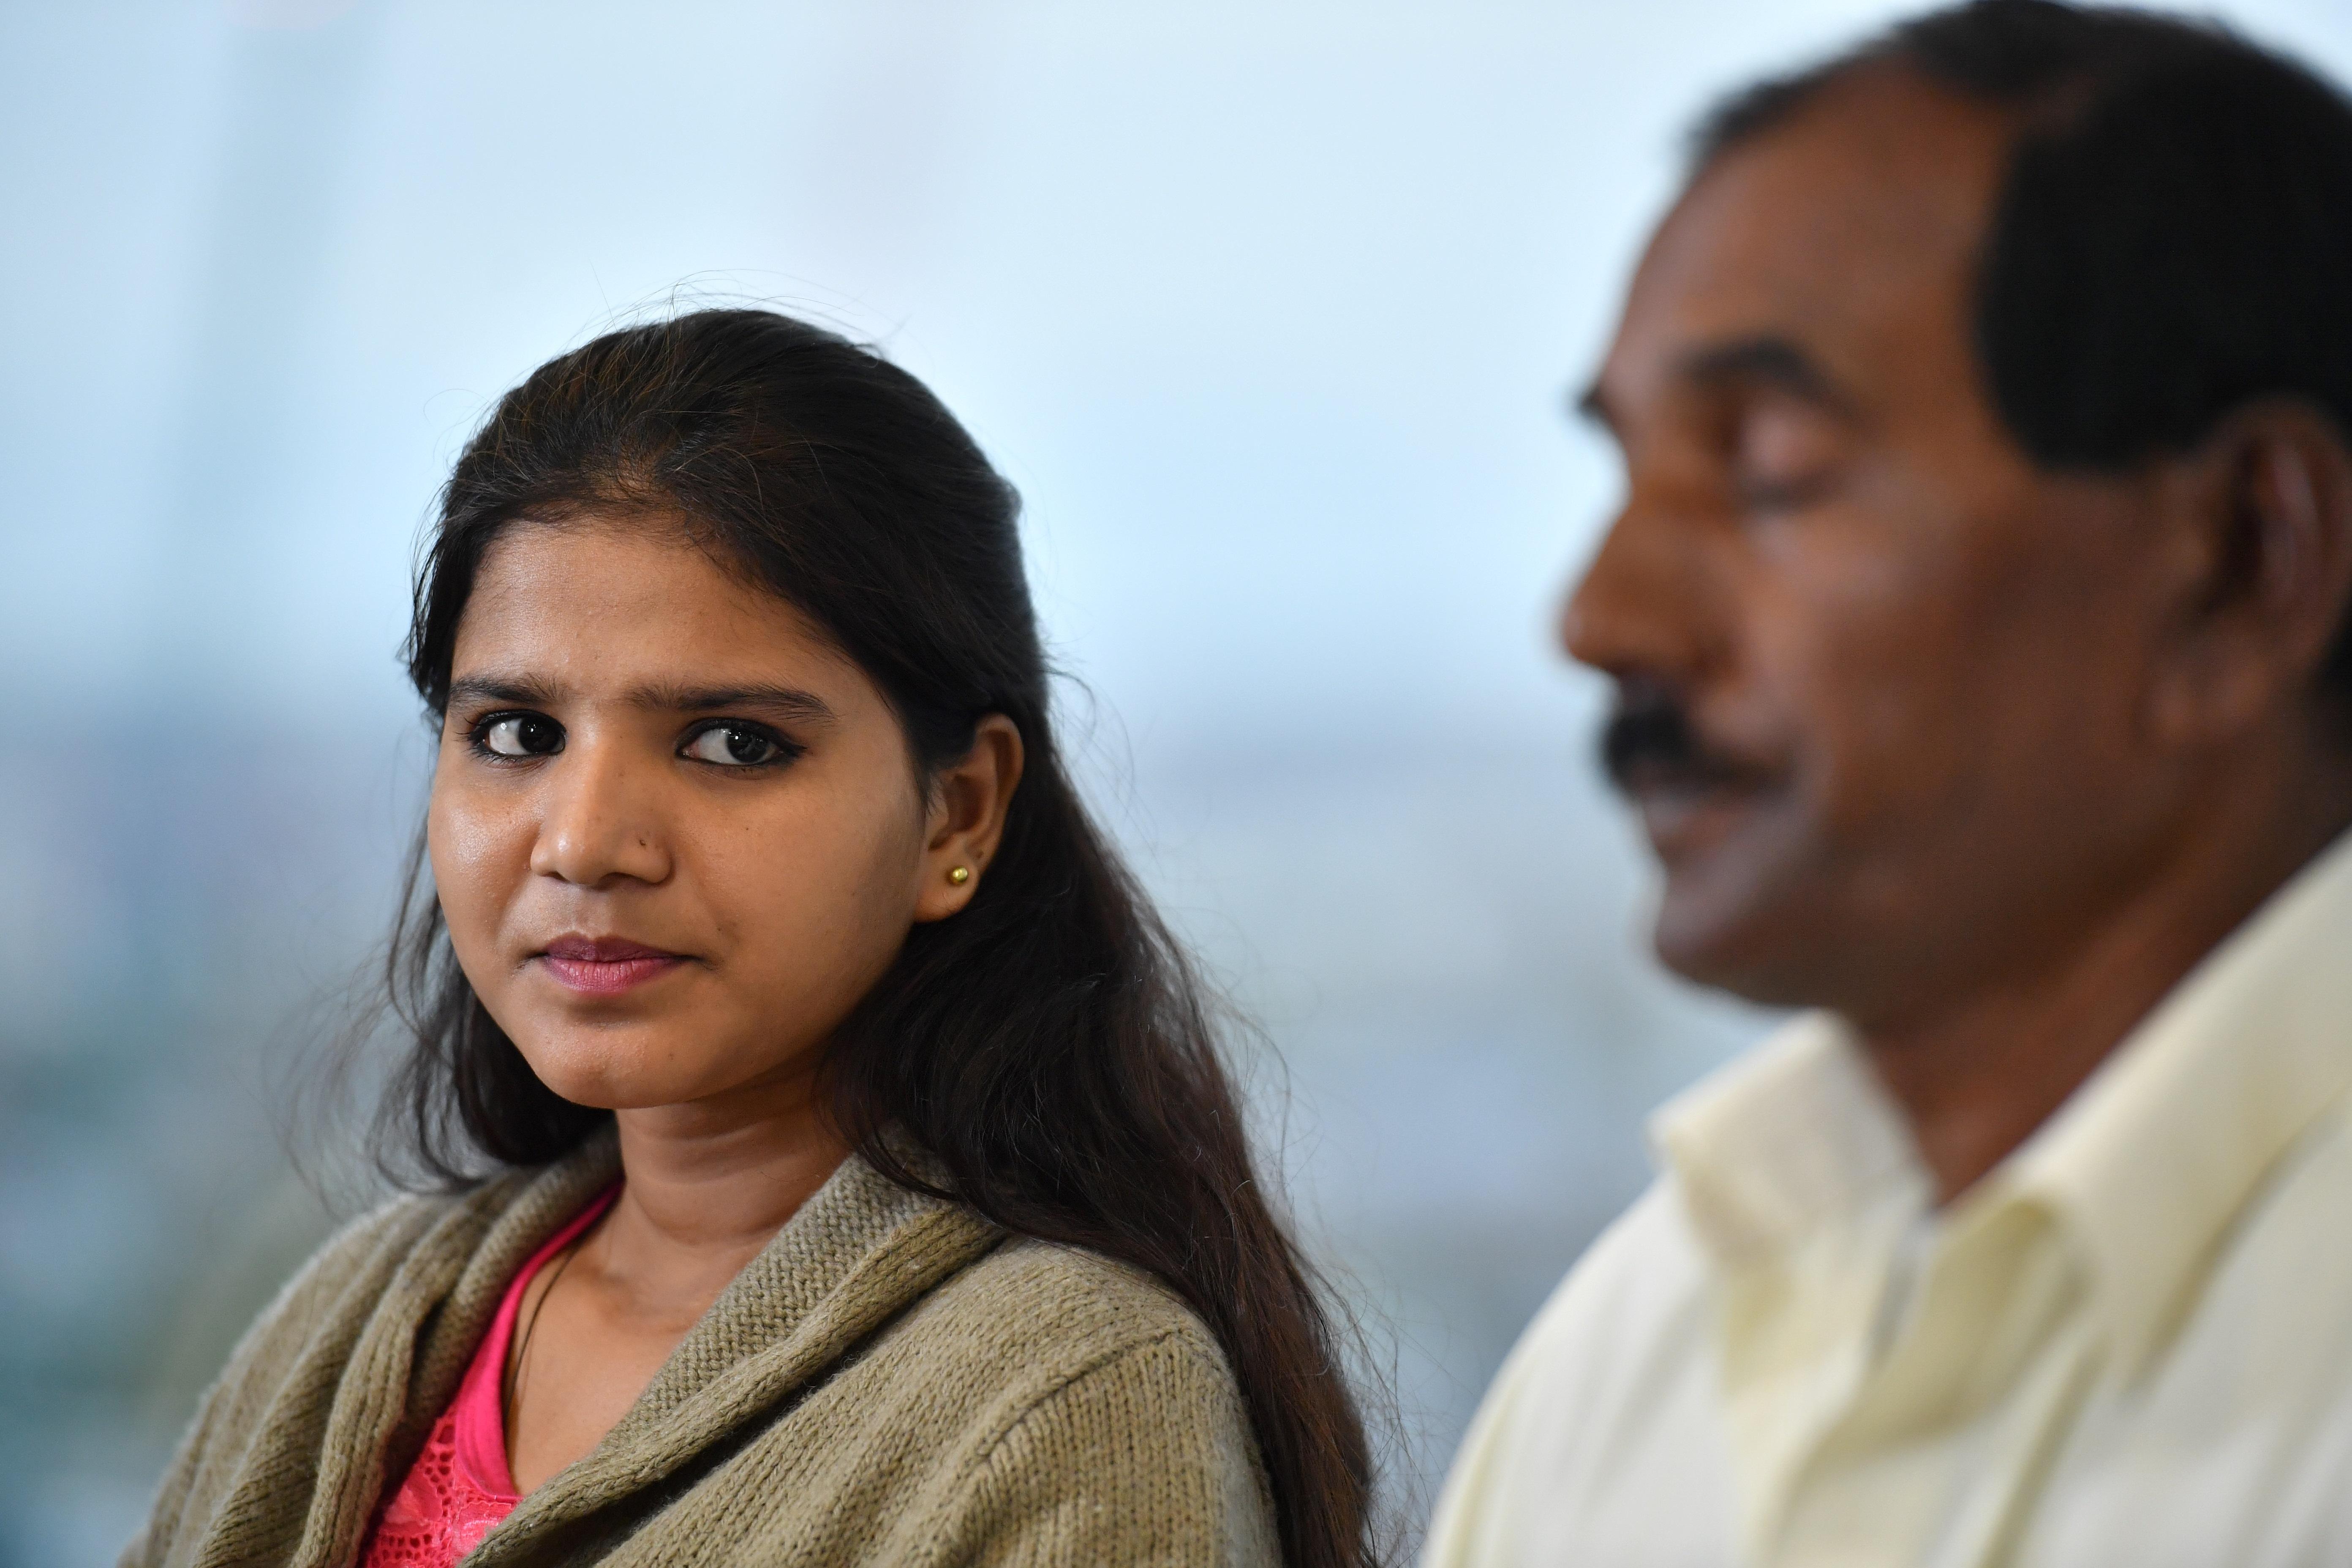 Gericht in Pakistan entscheidet über Berufung gegen Freispruch für Asia Bibi